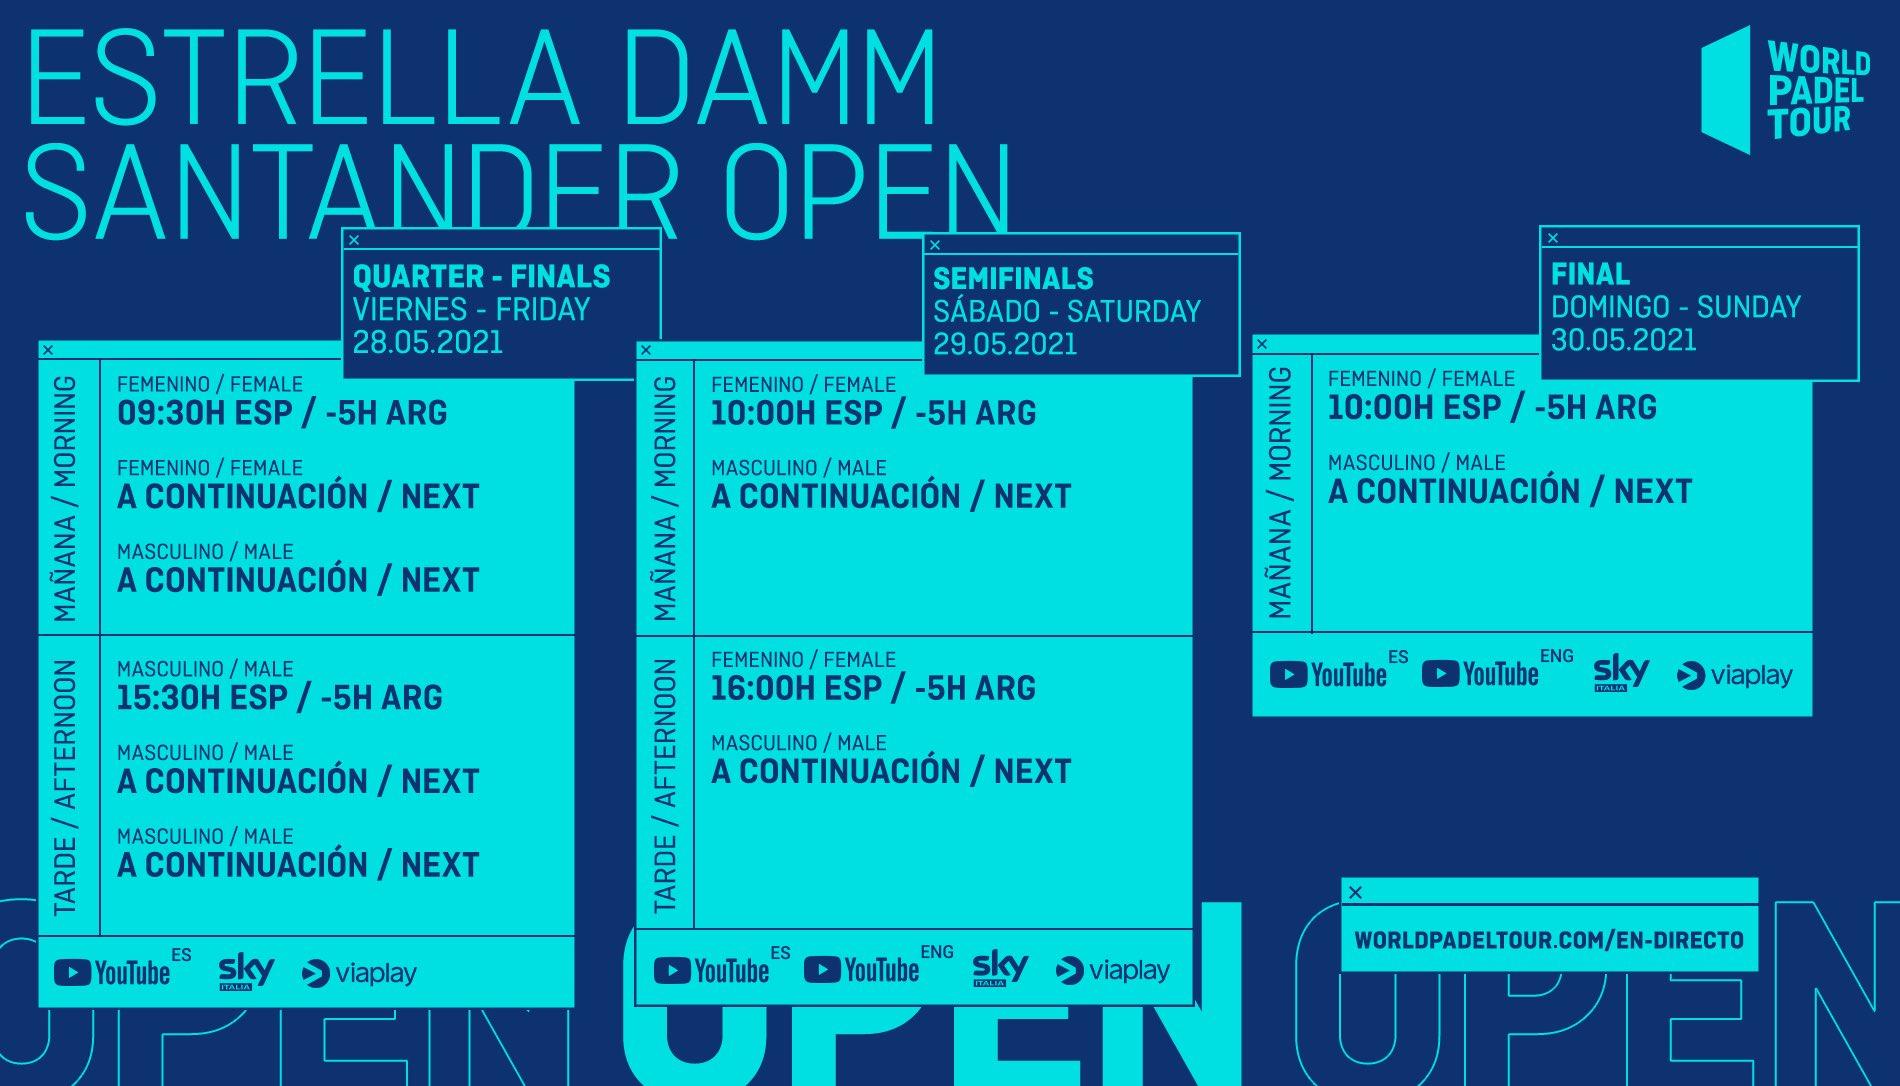 Horarios del streaming del Santander Open 2021